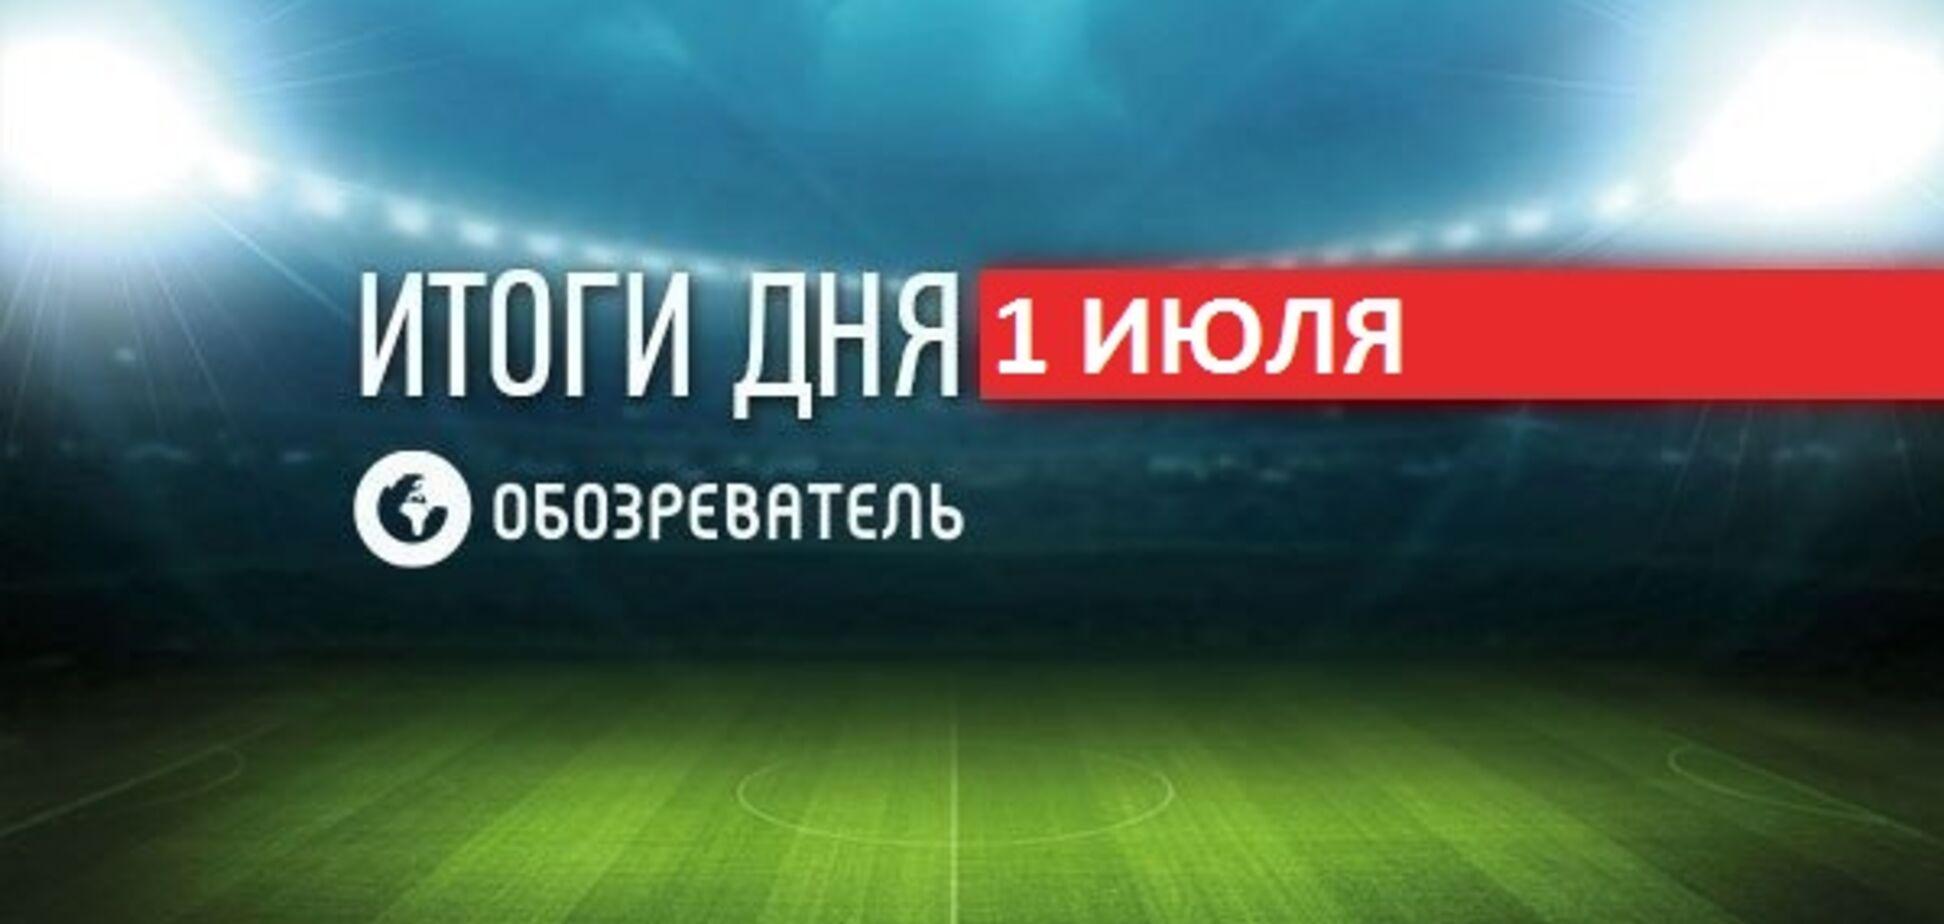 'Украинский Халк' нокаутировал соперника в первом раунде: итоги спорта 1 июля